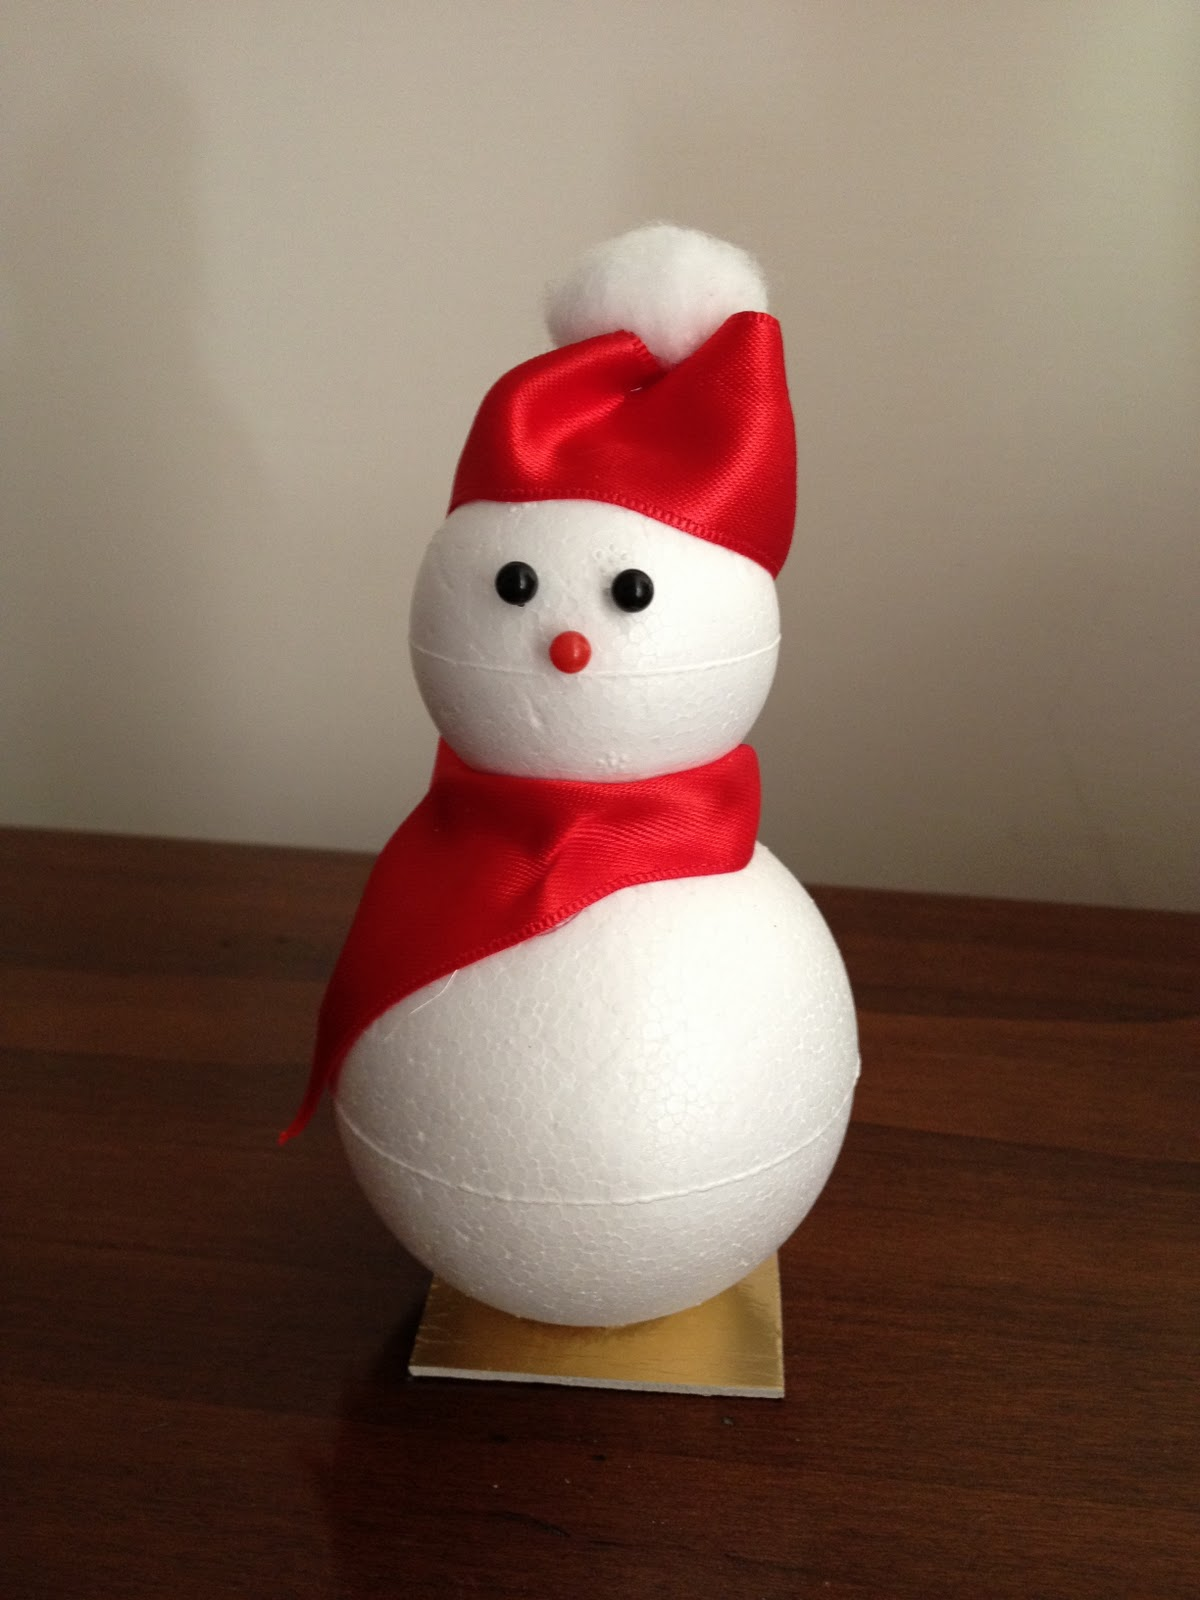 Anzio e nettuno in cucina segnaposto natalizi fai da te for Segnaposto natale fai da te